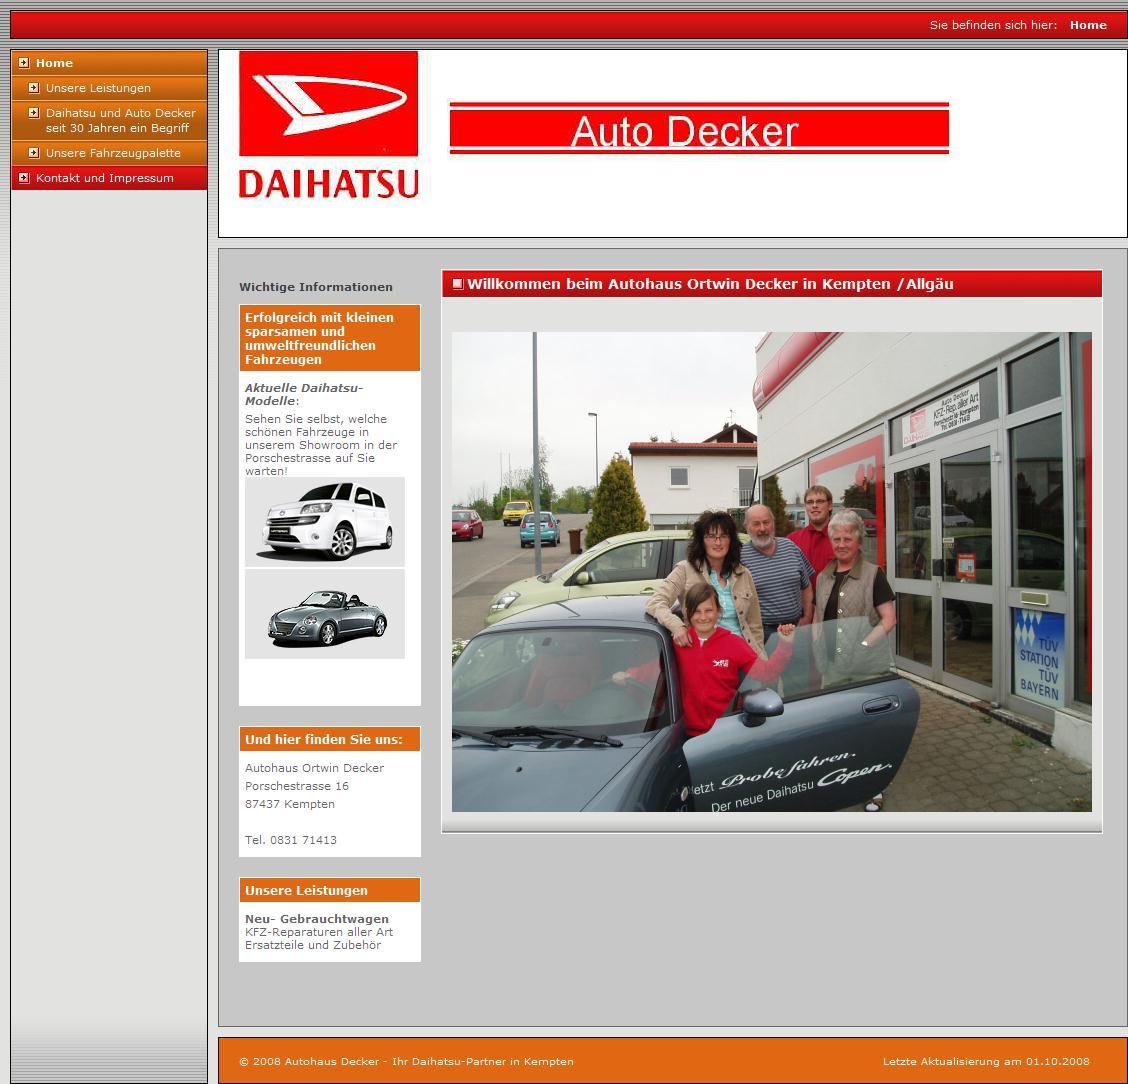 Autohaus Decker - Ihr Daihatsu-Partner in Kempten - Home